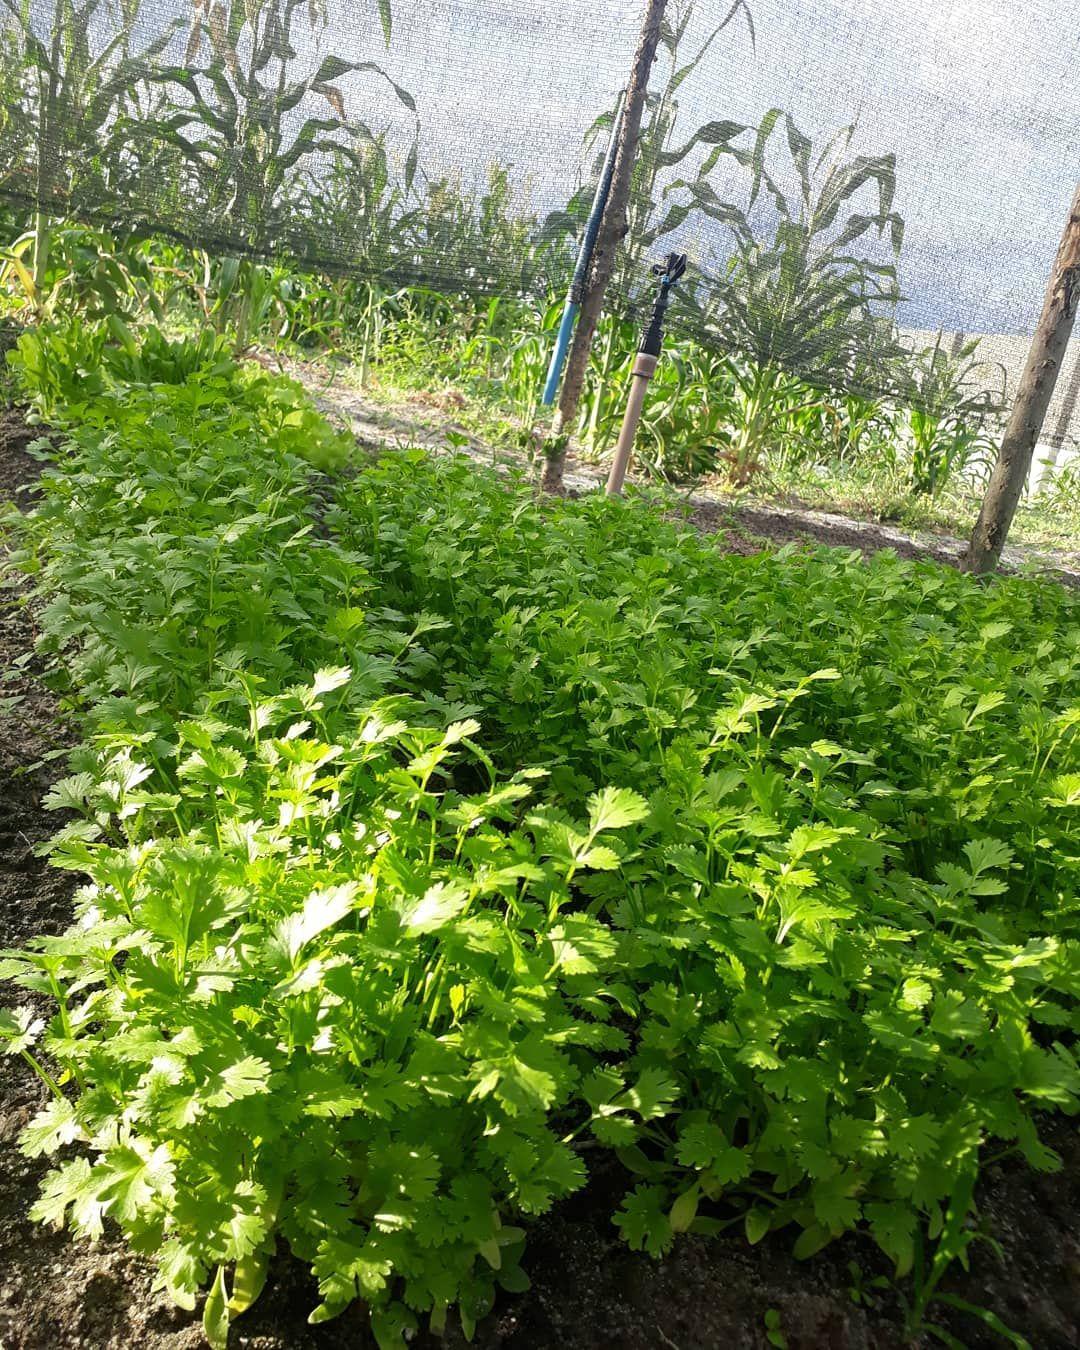 Clique na IMAGEM e aprenda a cultivar sua própria horta orgânica do absoluto ZERO.